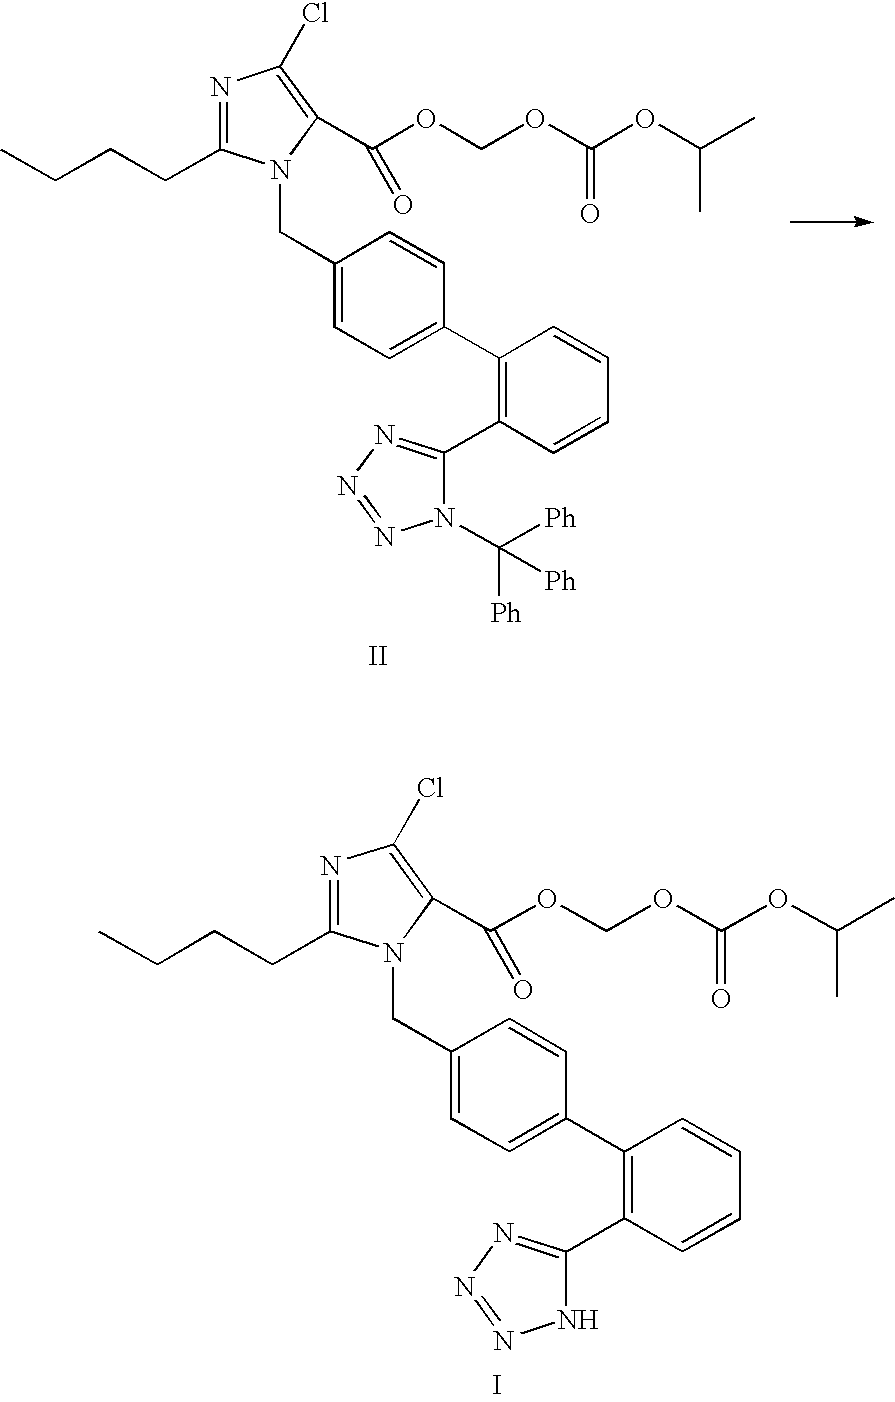 Figure US20100292286A1-20101118-C00003